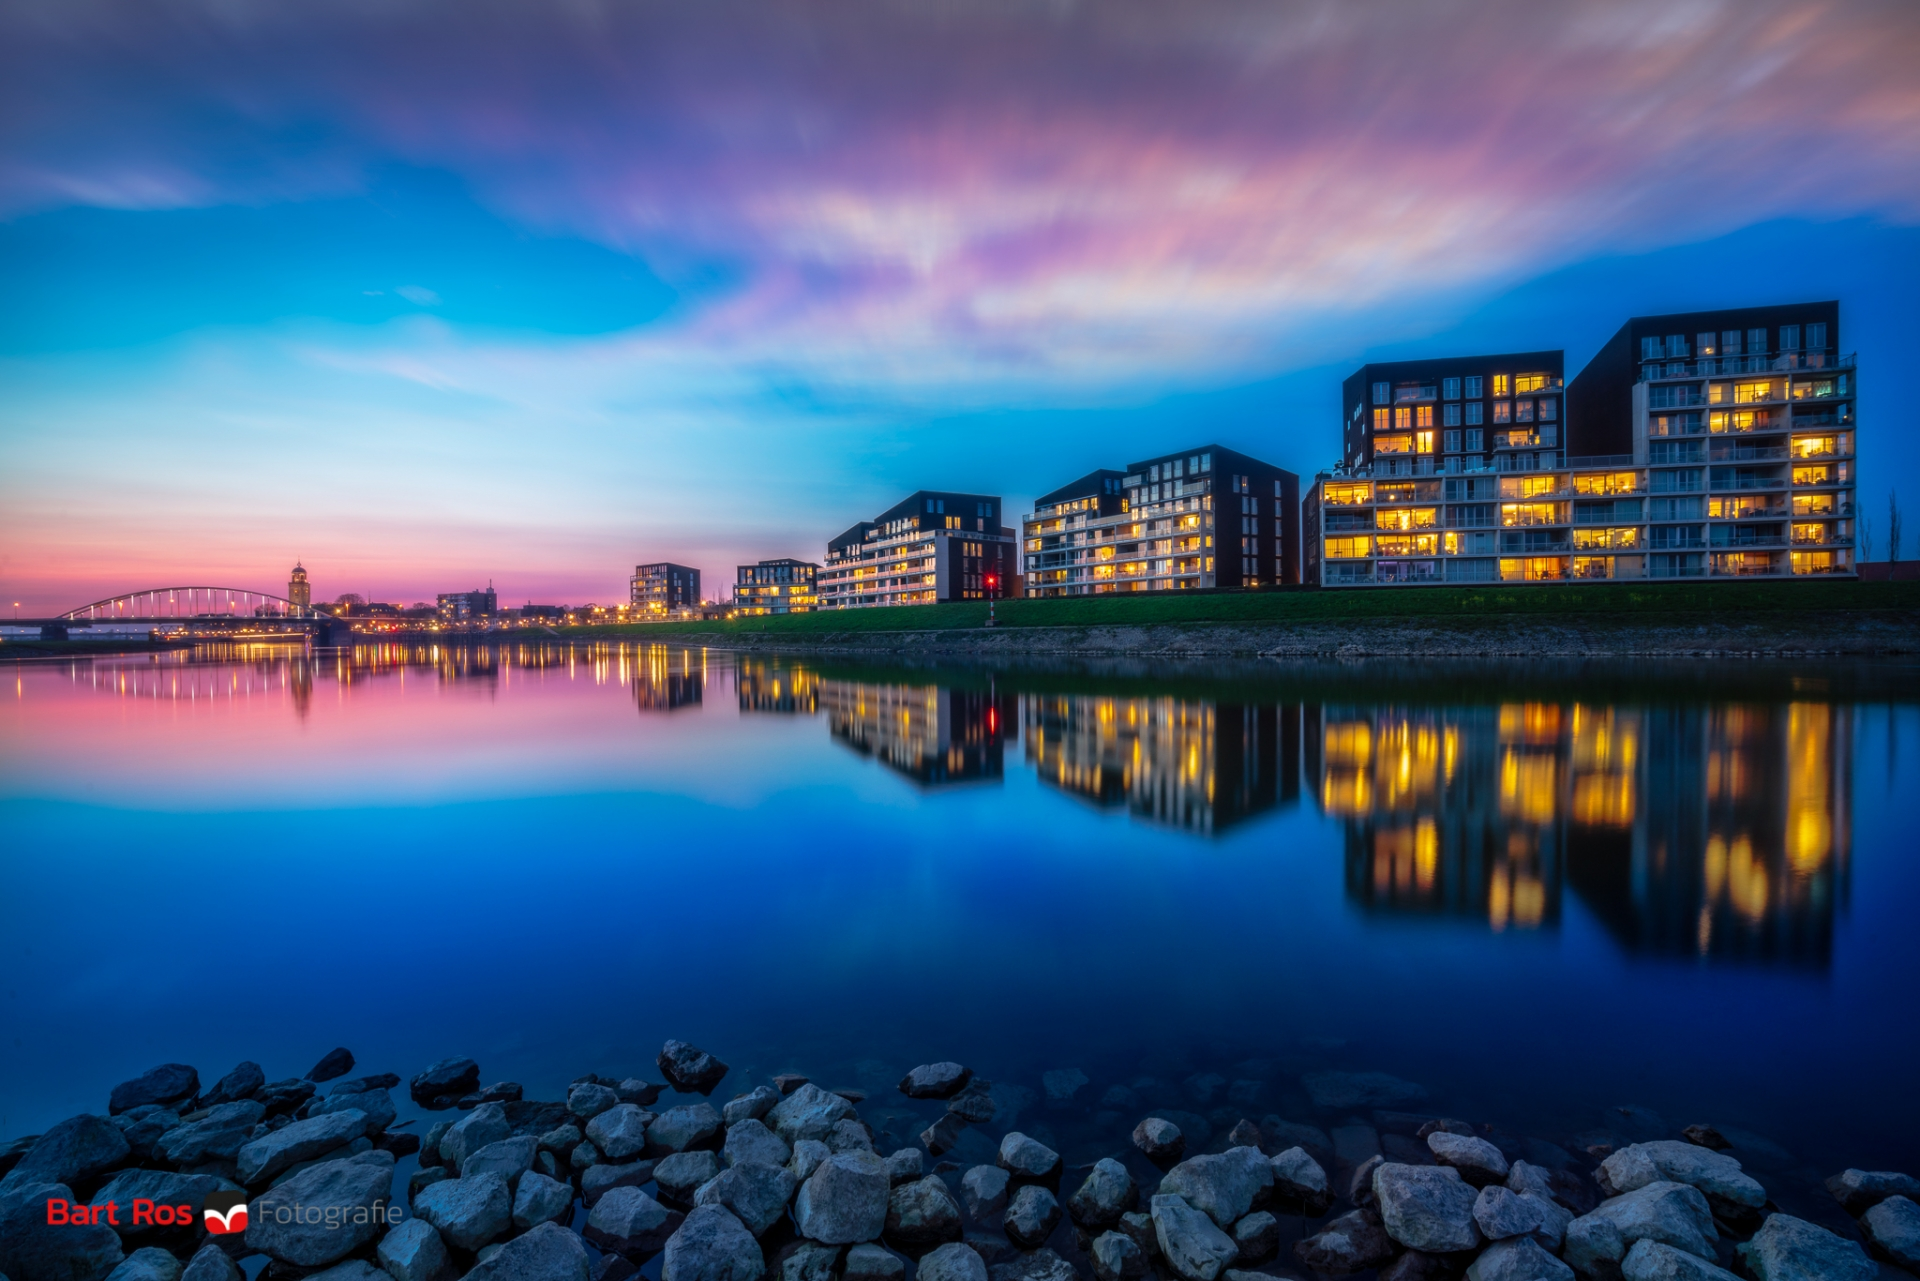 Bart Ros kleurrijk fotograaf Deventer